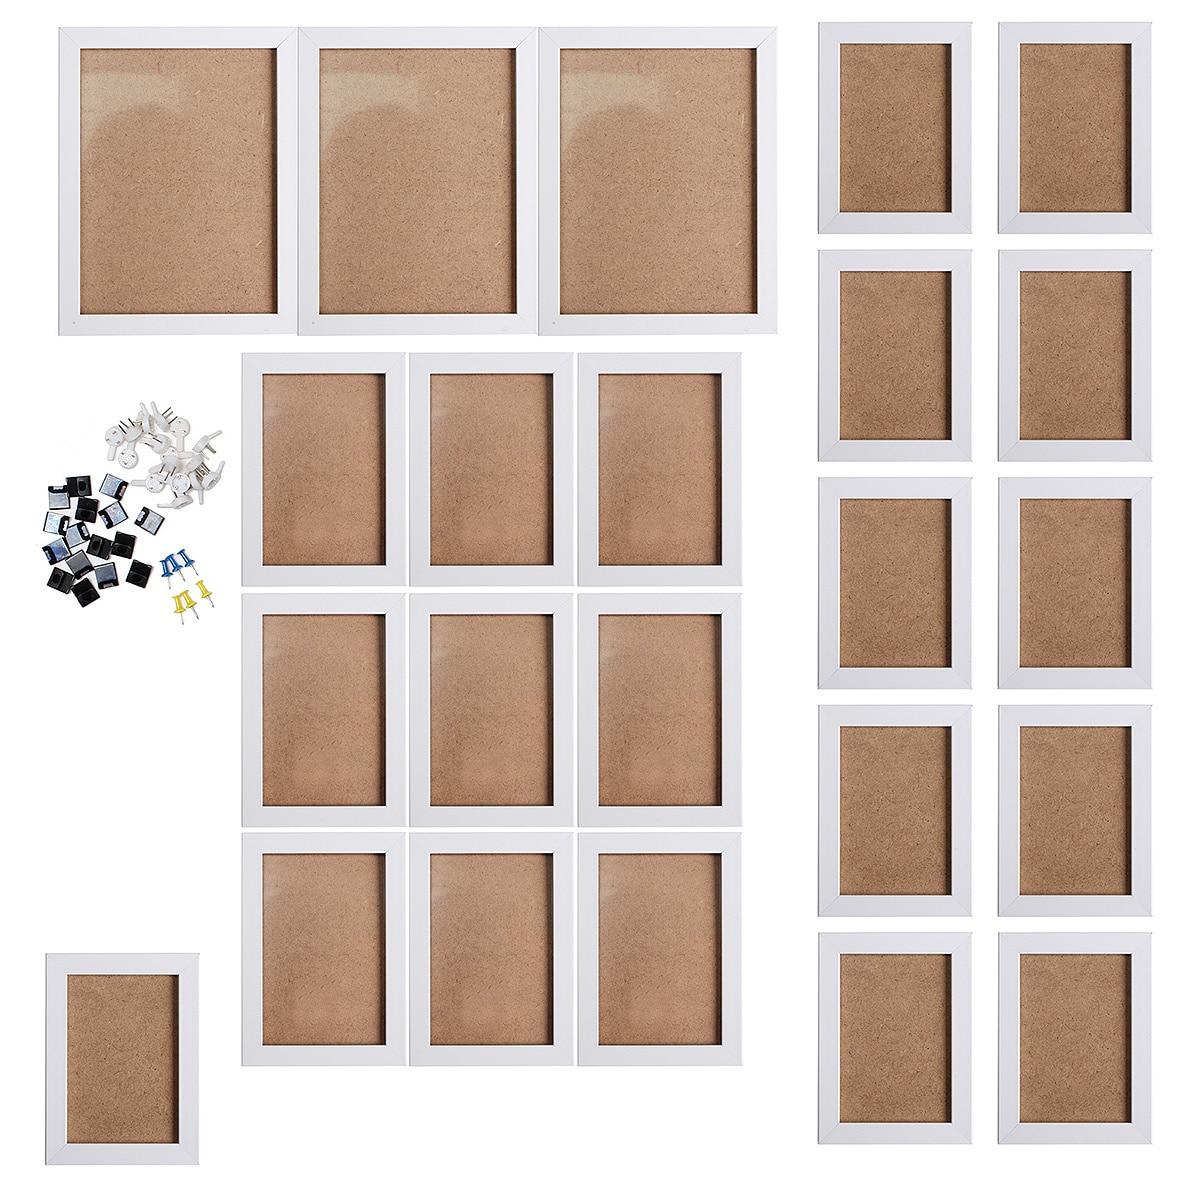 23 Stücke Schwarz/weiß Home Decor Foto Frames Set Wasserdichte Mould-beweis Und Mothproof Acryl Bild Rahmen Rahmen Wohnkultur